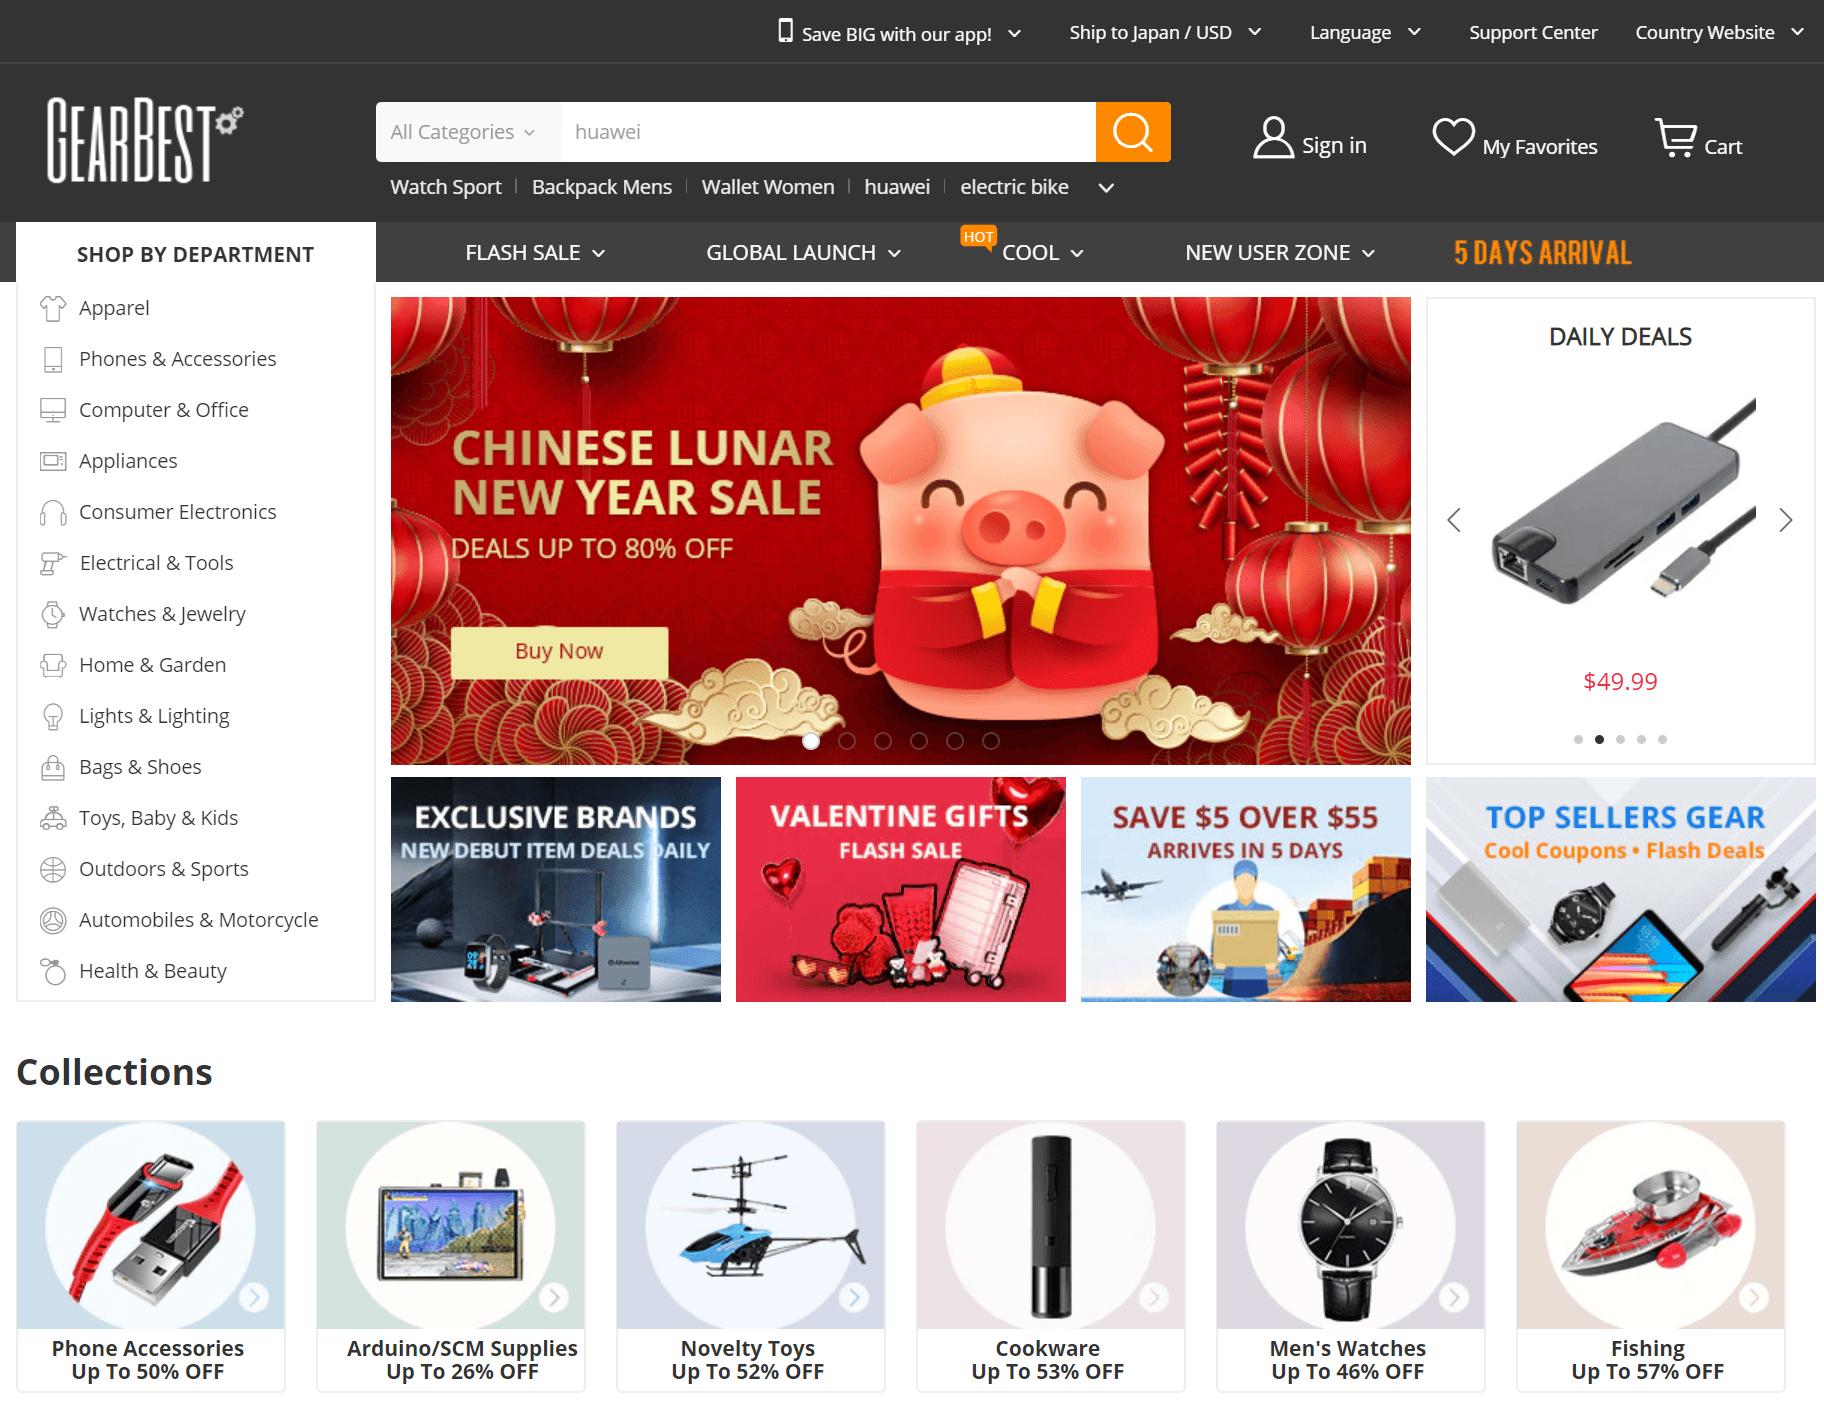 日本で売っていないガジェットをGearBest.comで買います